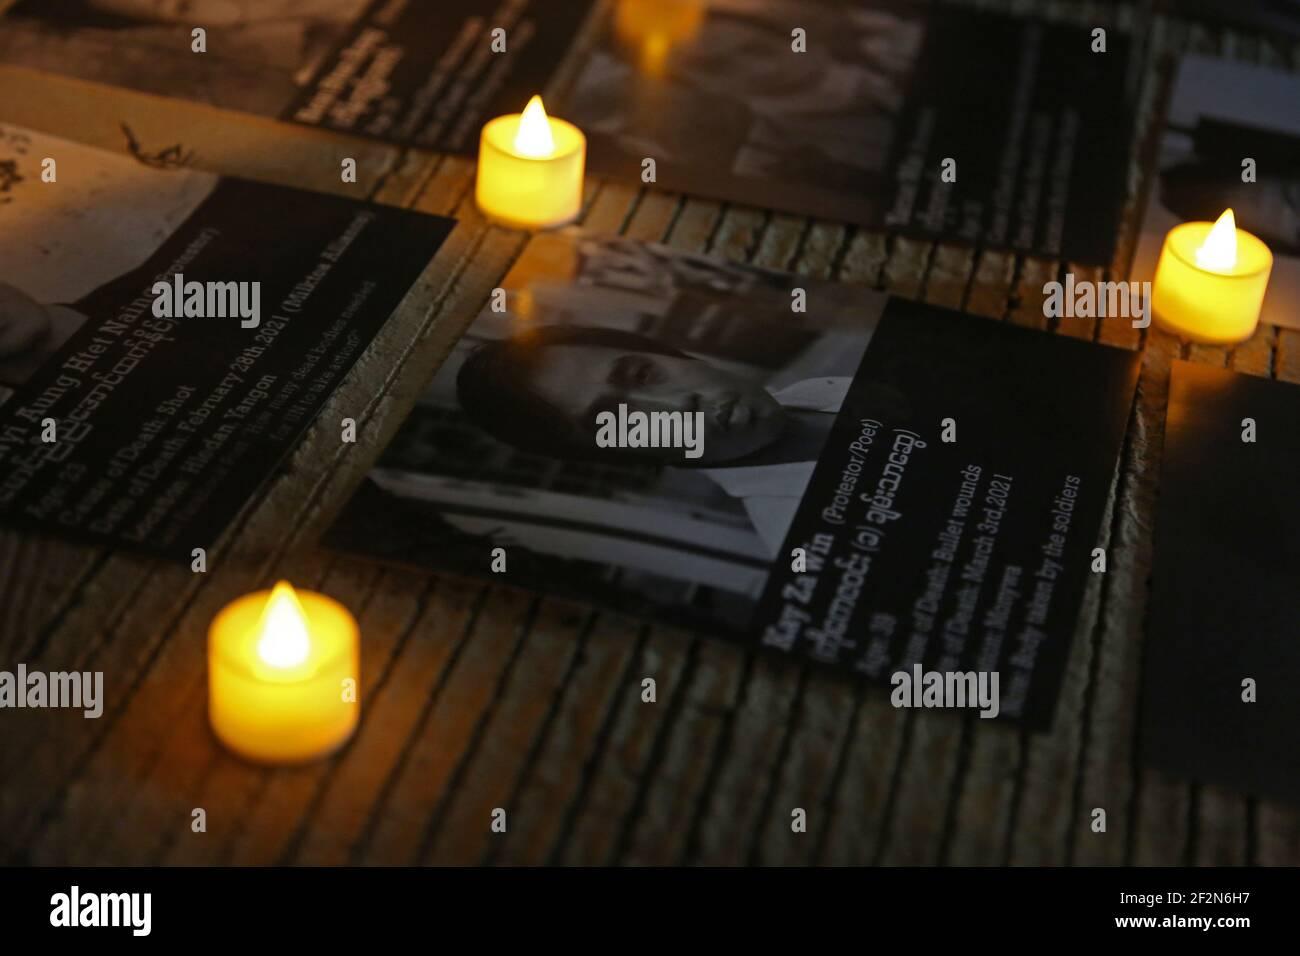 DKI Jakarta, Jakarta, Indonésie. 12 mars 2021. Des bougies allumées vues à côté d'un portrait d'une victime de la violence militaire au Myanmar comme une forme de condoléances pendant la manifestation.plusieurs militants ont organisé une manifestation de solidarité devant le Bureau de l'ANASE (Association des nations de l'Asie du Sud-est). Cette action visait à faire preuve de soutien aux victimes de violences qui ont eu lieu à la suite du coup d'État militaire et à condamner toutes les activités de la junte qui ont transformé les actes de violence au Myanmar. Credit: Aslam Iqbal/SOPA Images/ZUMA Wire/Alamy Live News Banque D'Images